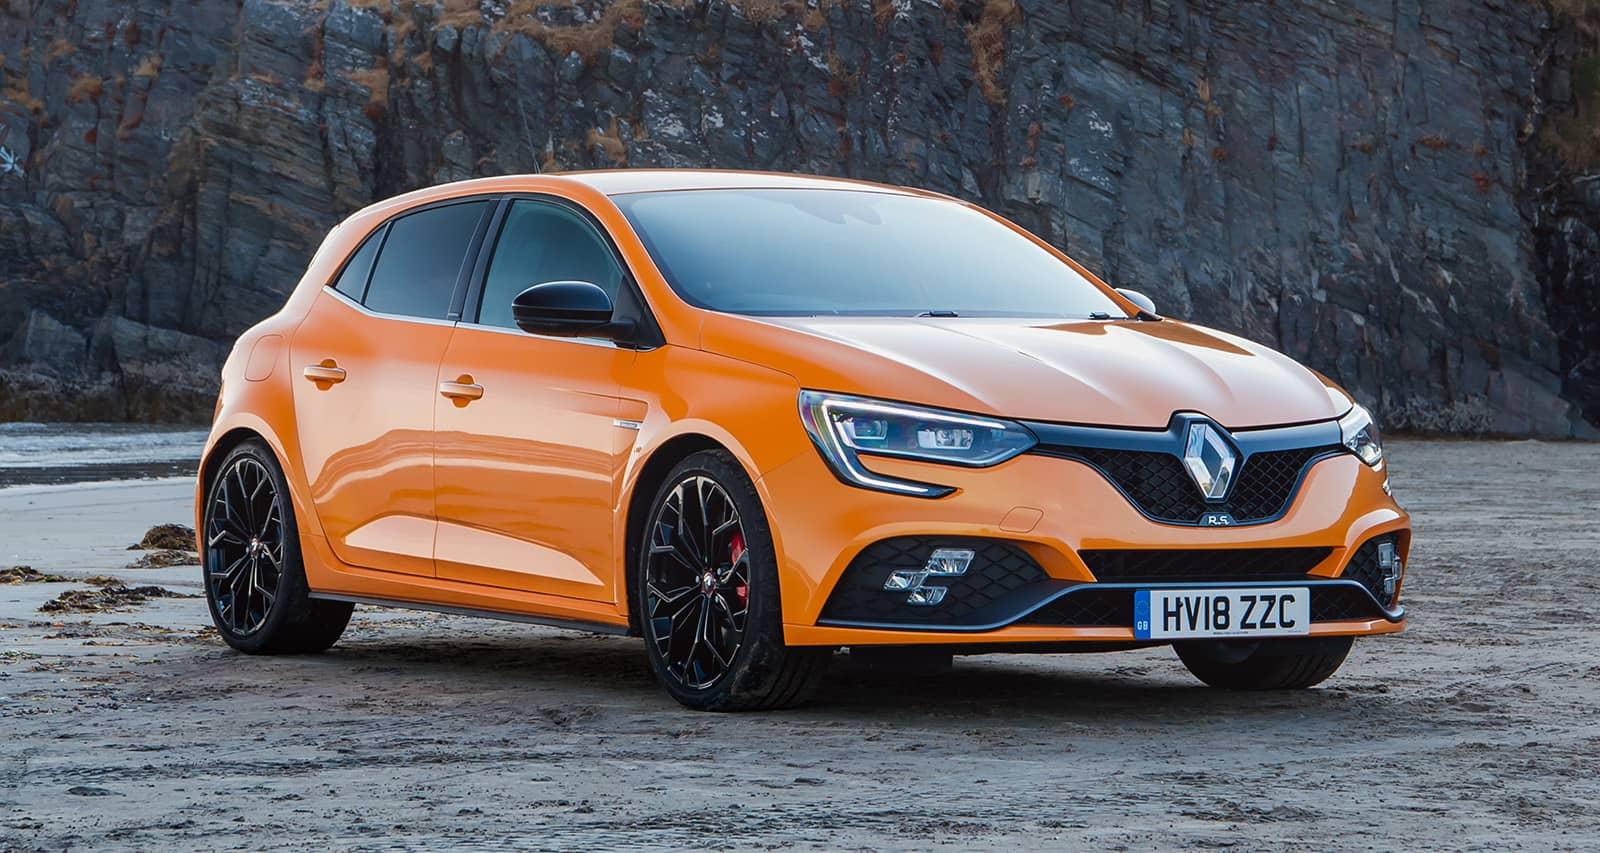 Precios Renault Megane Rs 2021 Descubre Las Ofertas Del Renault Megane Rs Que Coche Me Compro